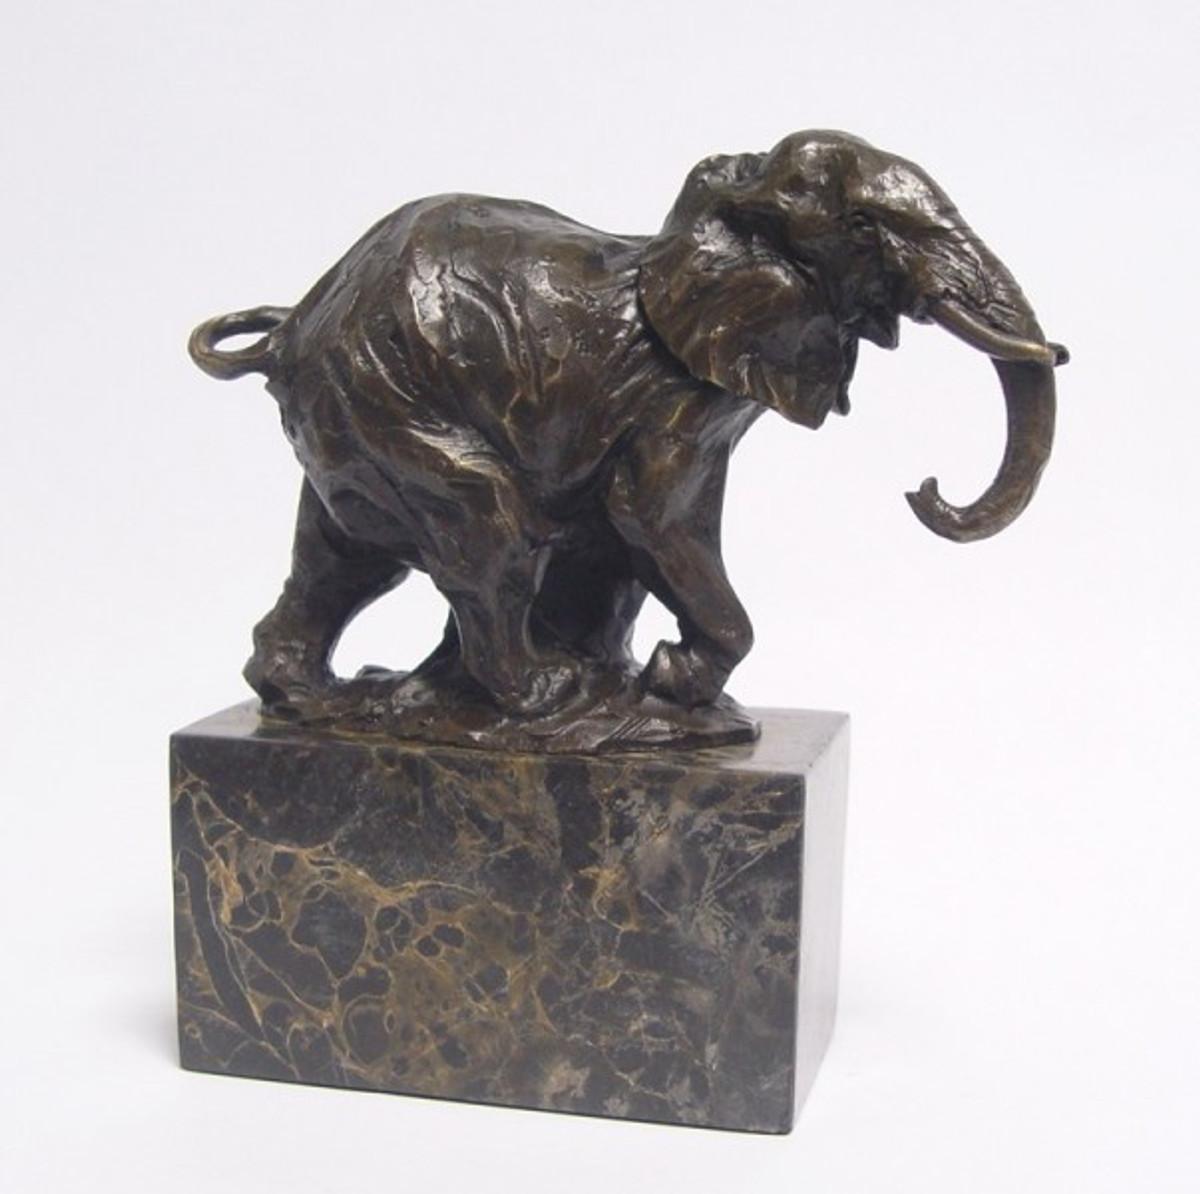 Elefantenfigur aus Bronze als kunstvolle Garten Dekoration für Afrika Liebhaber.